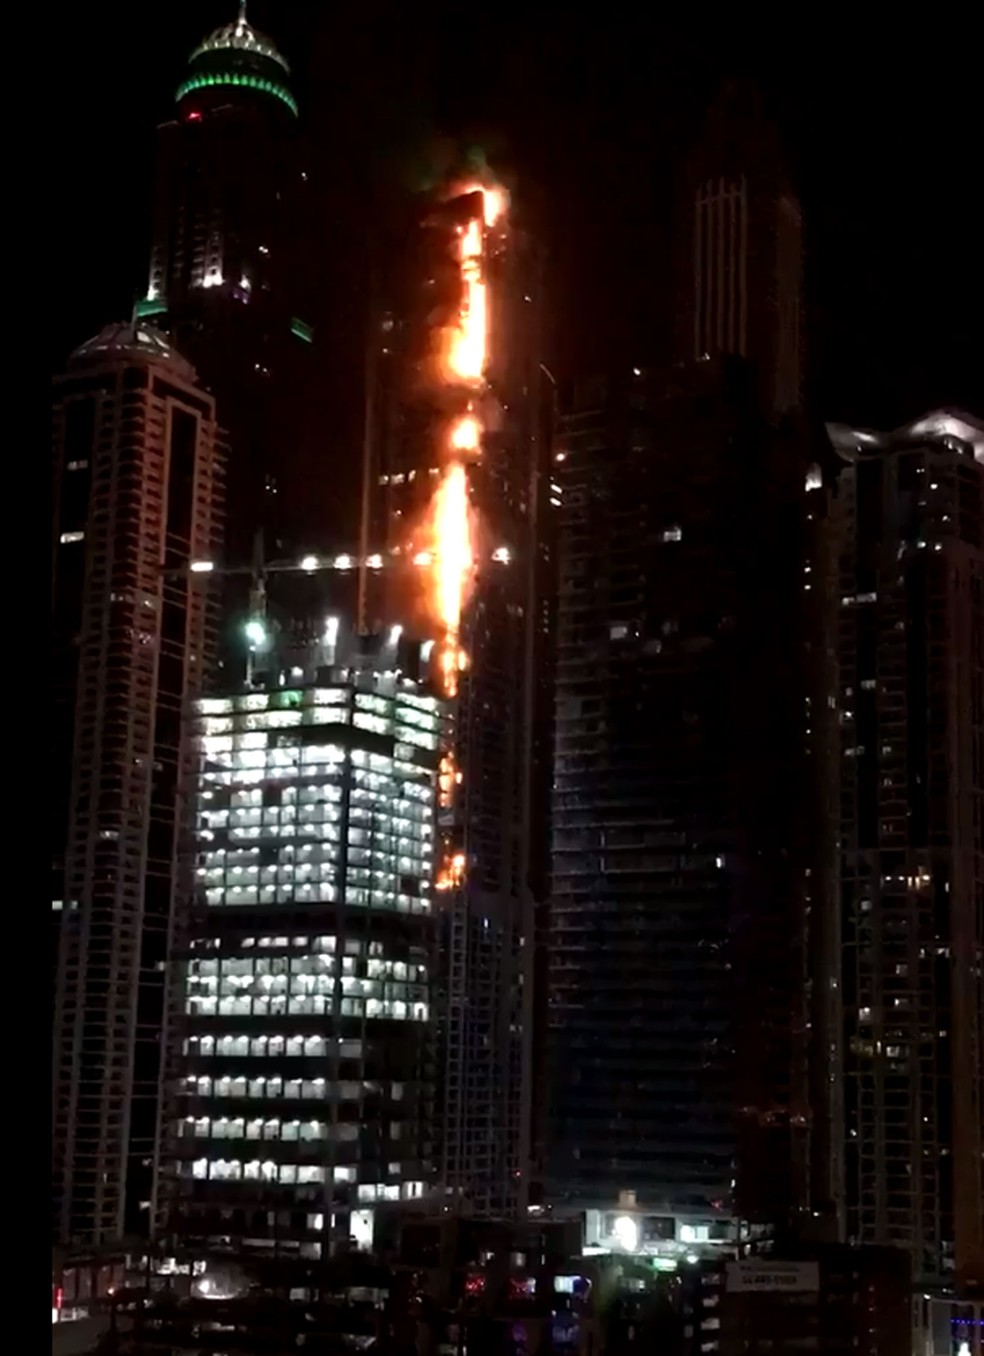 Edifício Torch Tower pega fogo em Dubai (Foto: Reprodução/Twitter/Dalia Kaki)